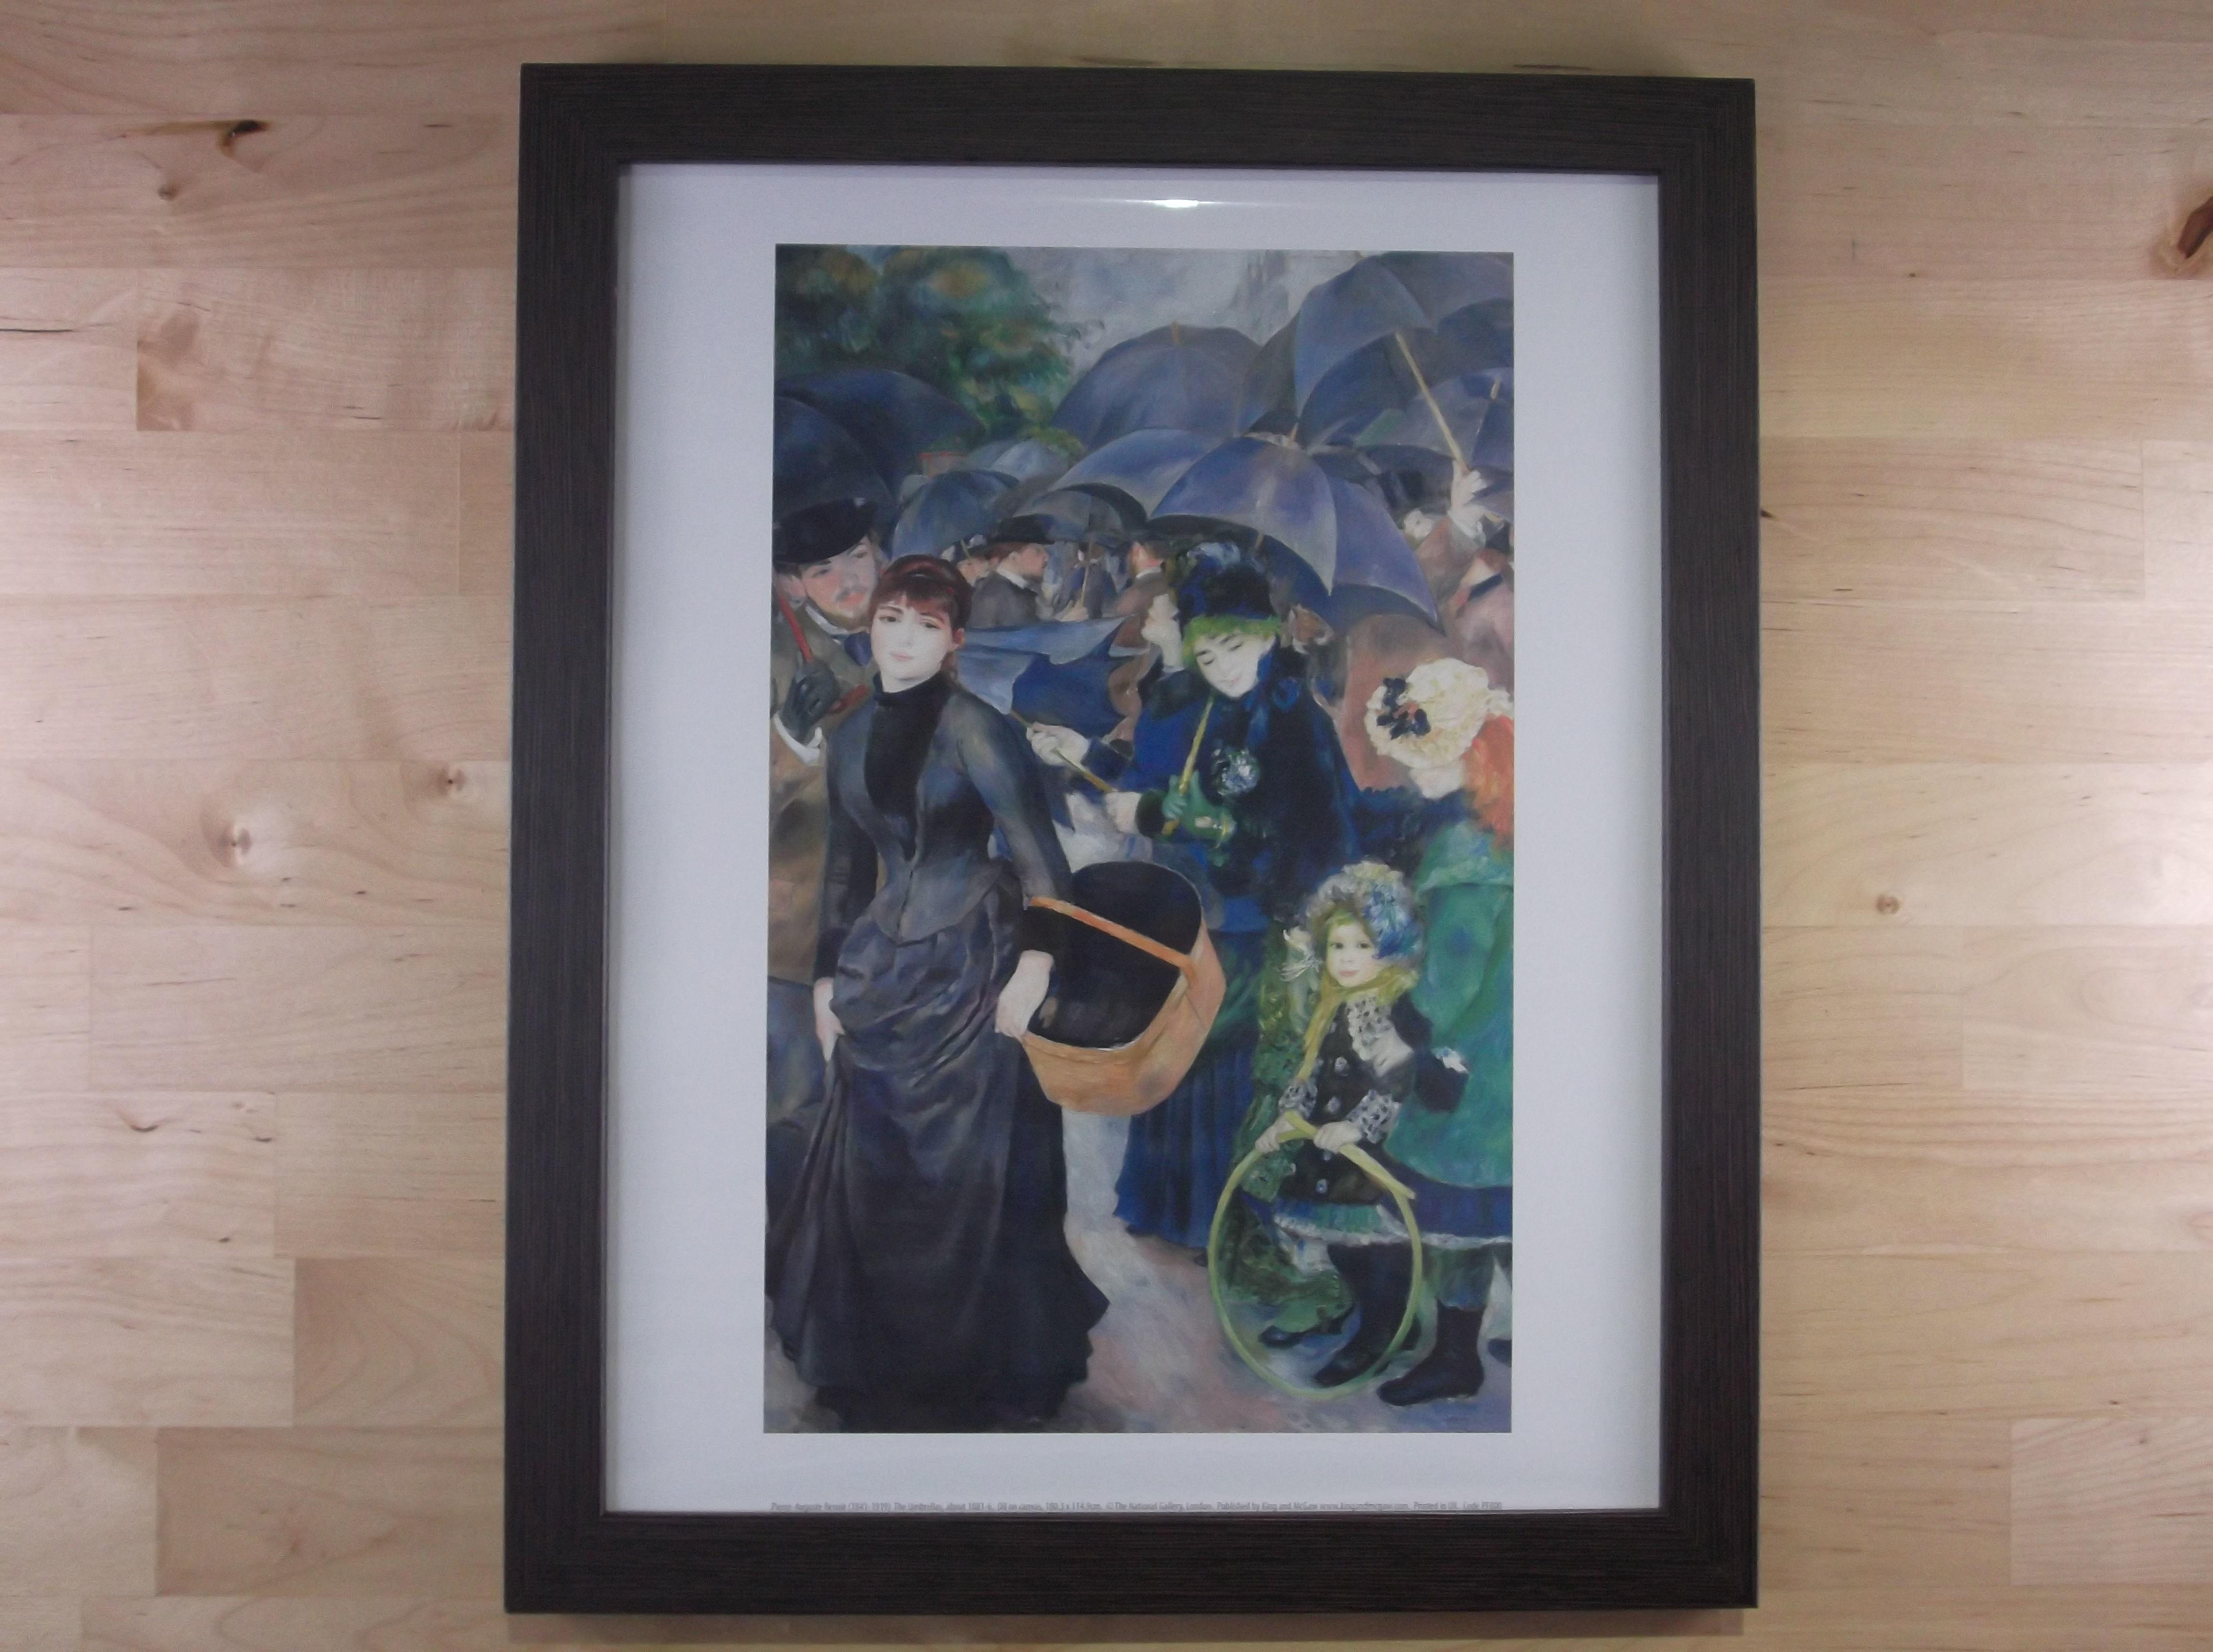 ルノアール 雨傘 ダークブラウン色額縁絵画プリント(ロンドン ナショナルギャラリー所蔵)